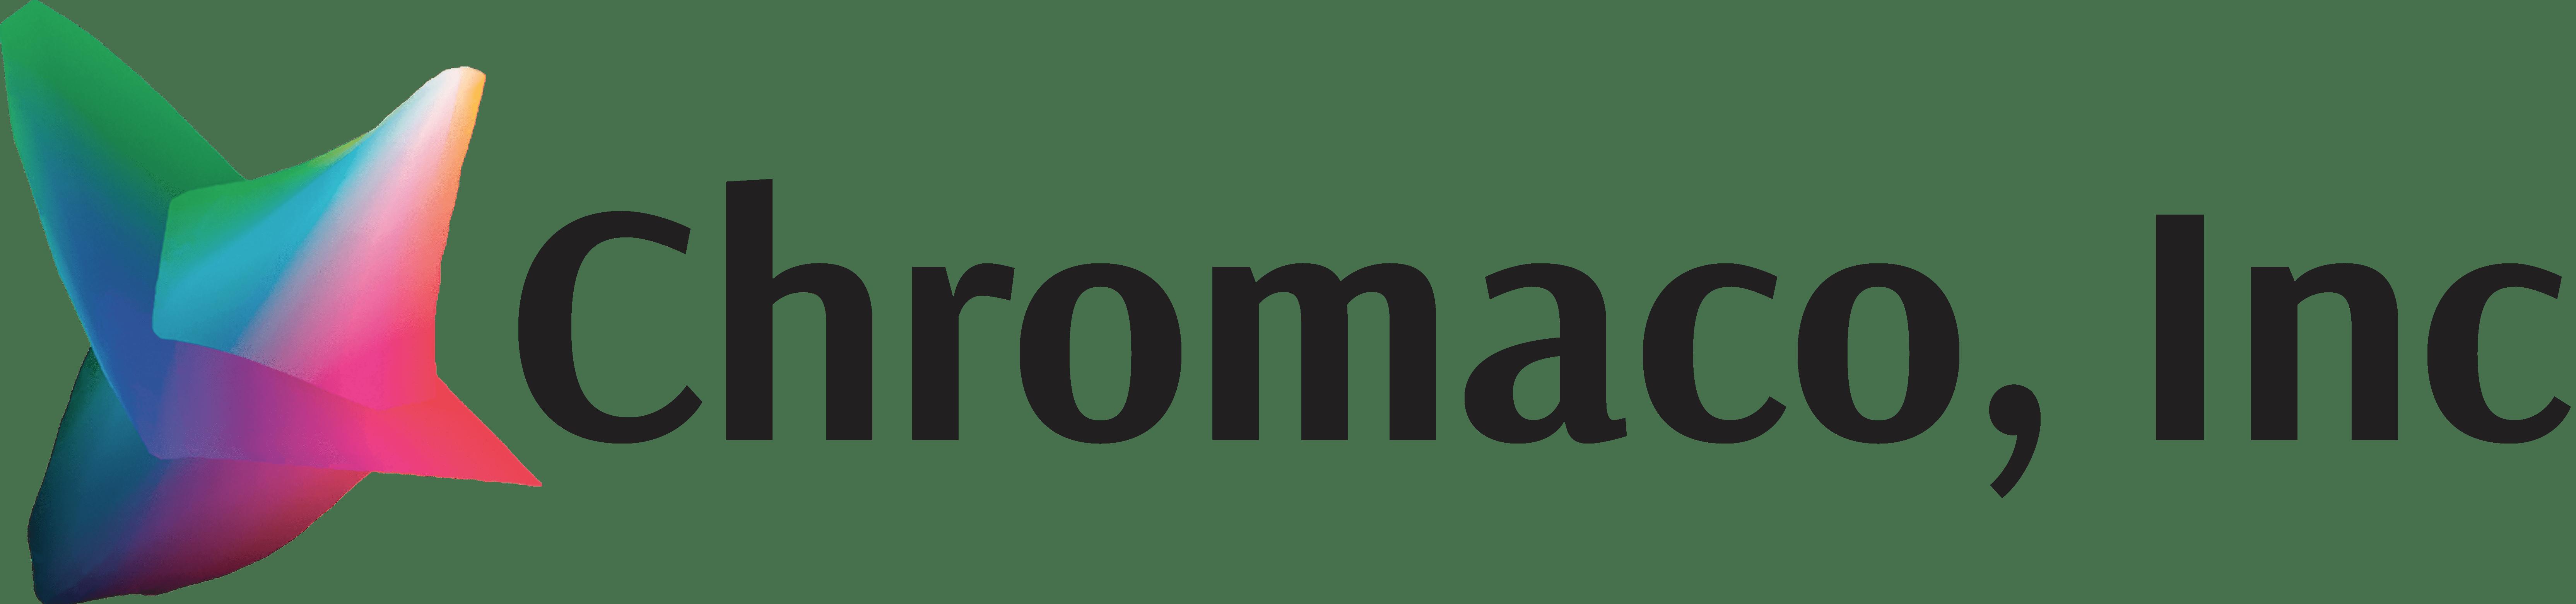 Chromaco